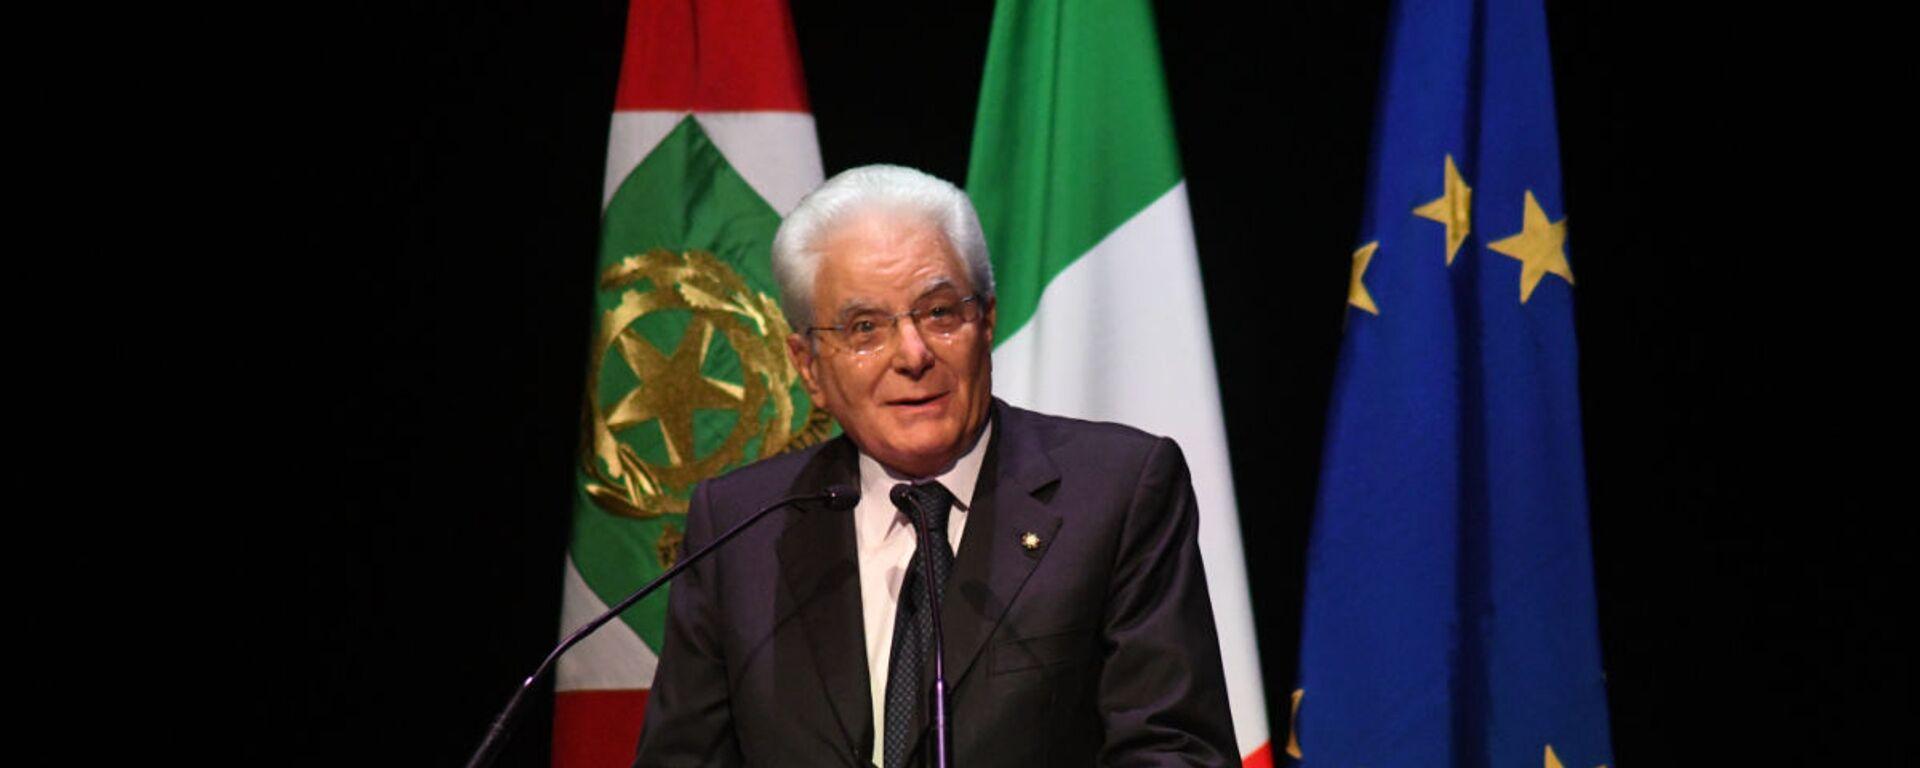 Il Presidente della Repubblica Sergio Mattarella ai 150 anni dell'Associazione Italiana Editori - Sputnik Italia, 1920, 21.03.2021